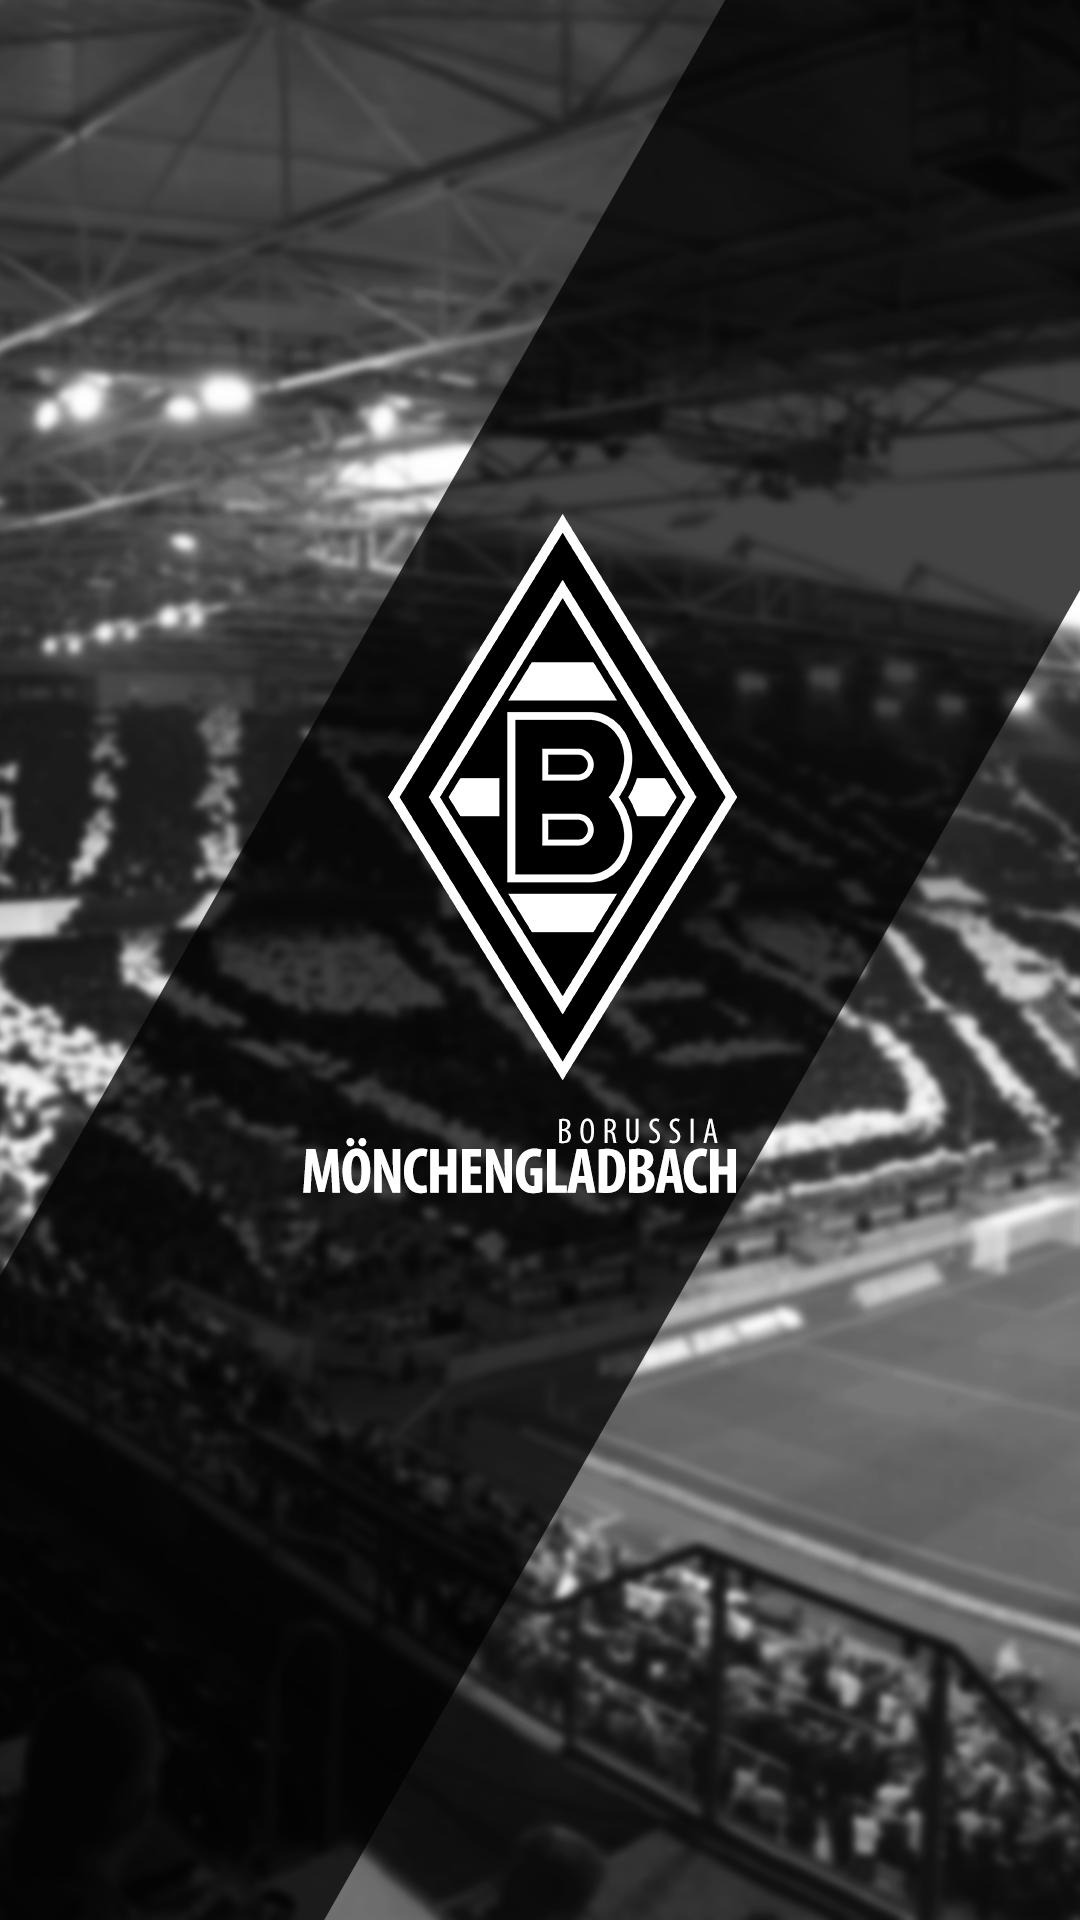 Bor.Mönchengladbach